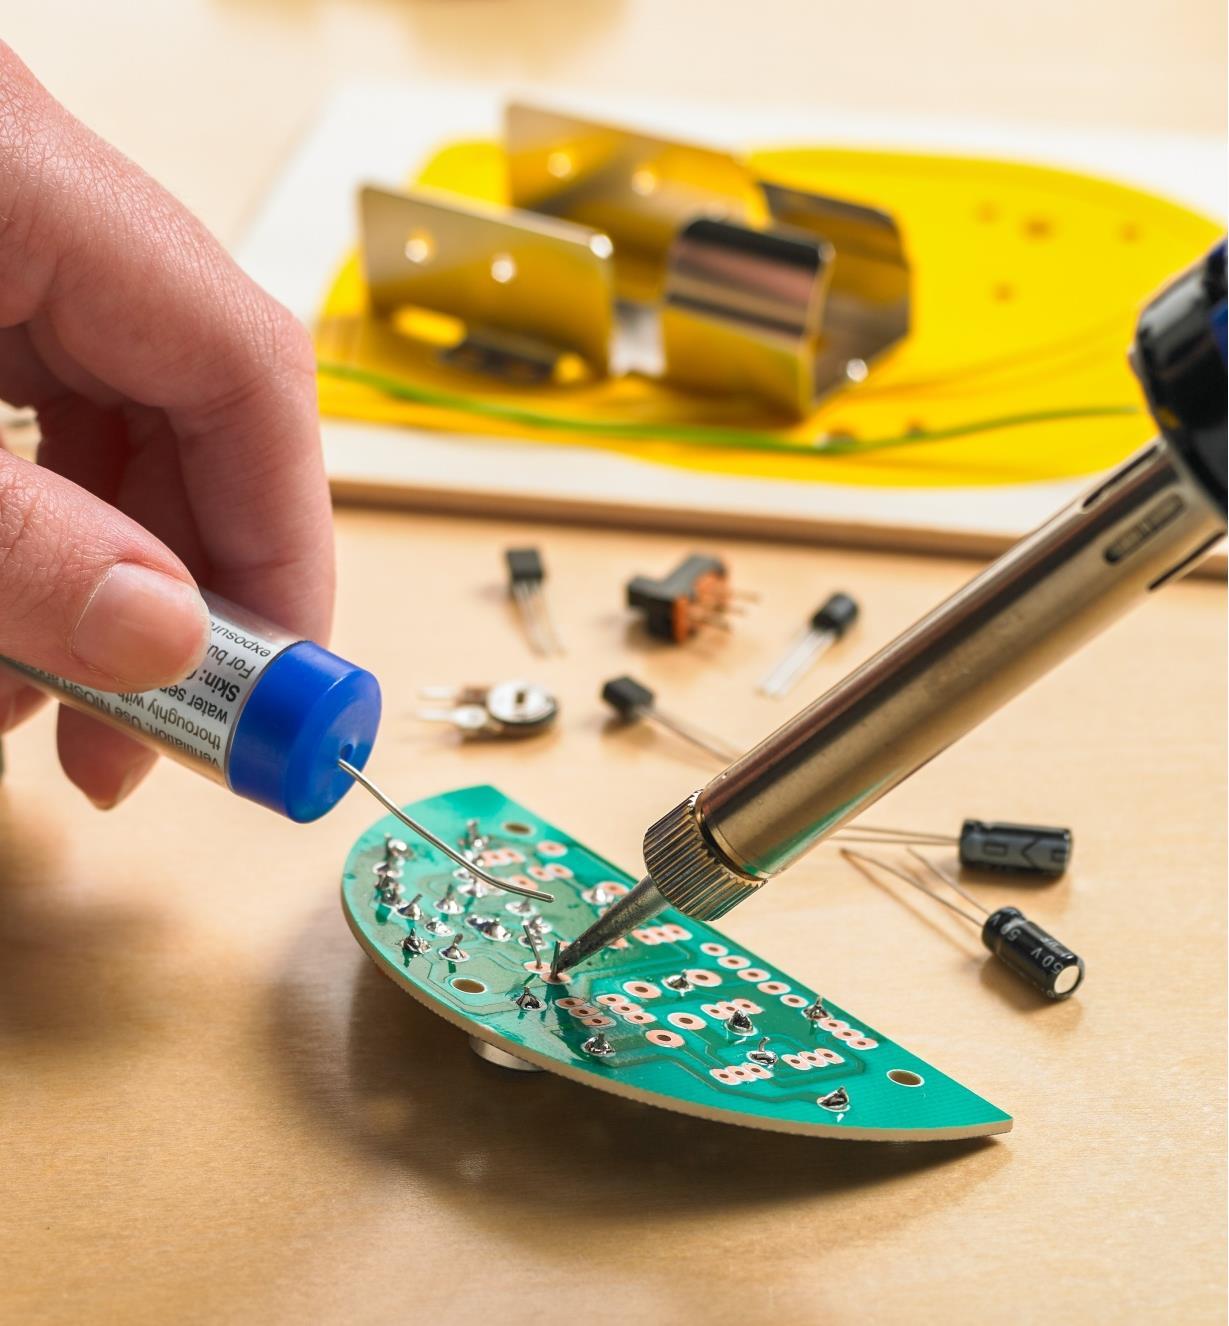 Brasage de composants sur le circuit imprimé du véhicule miniature robotisé WEMake Elenco